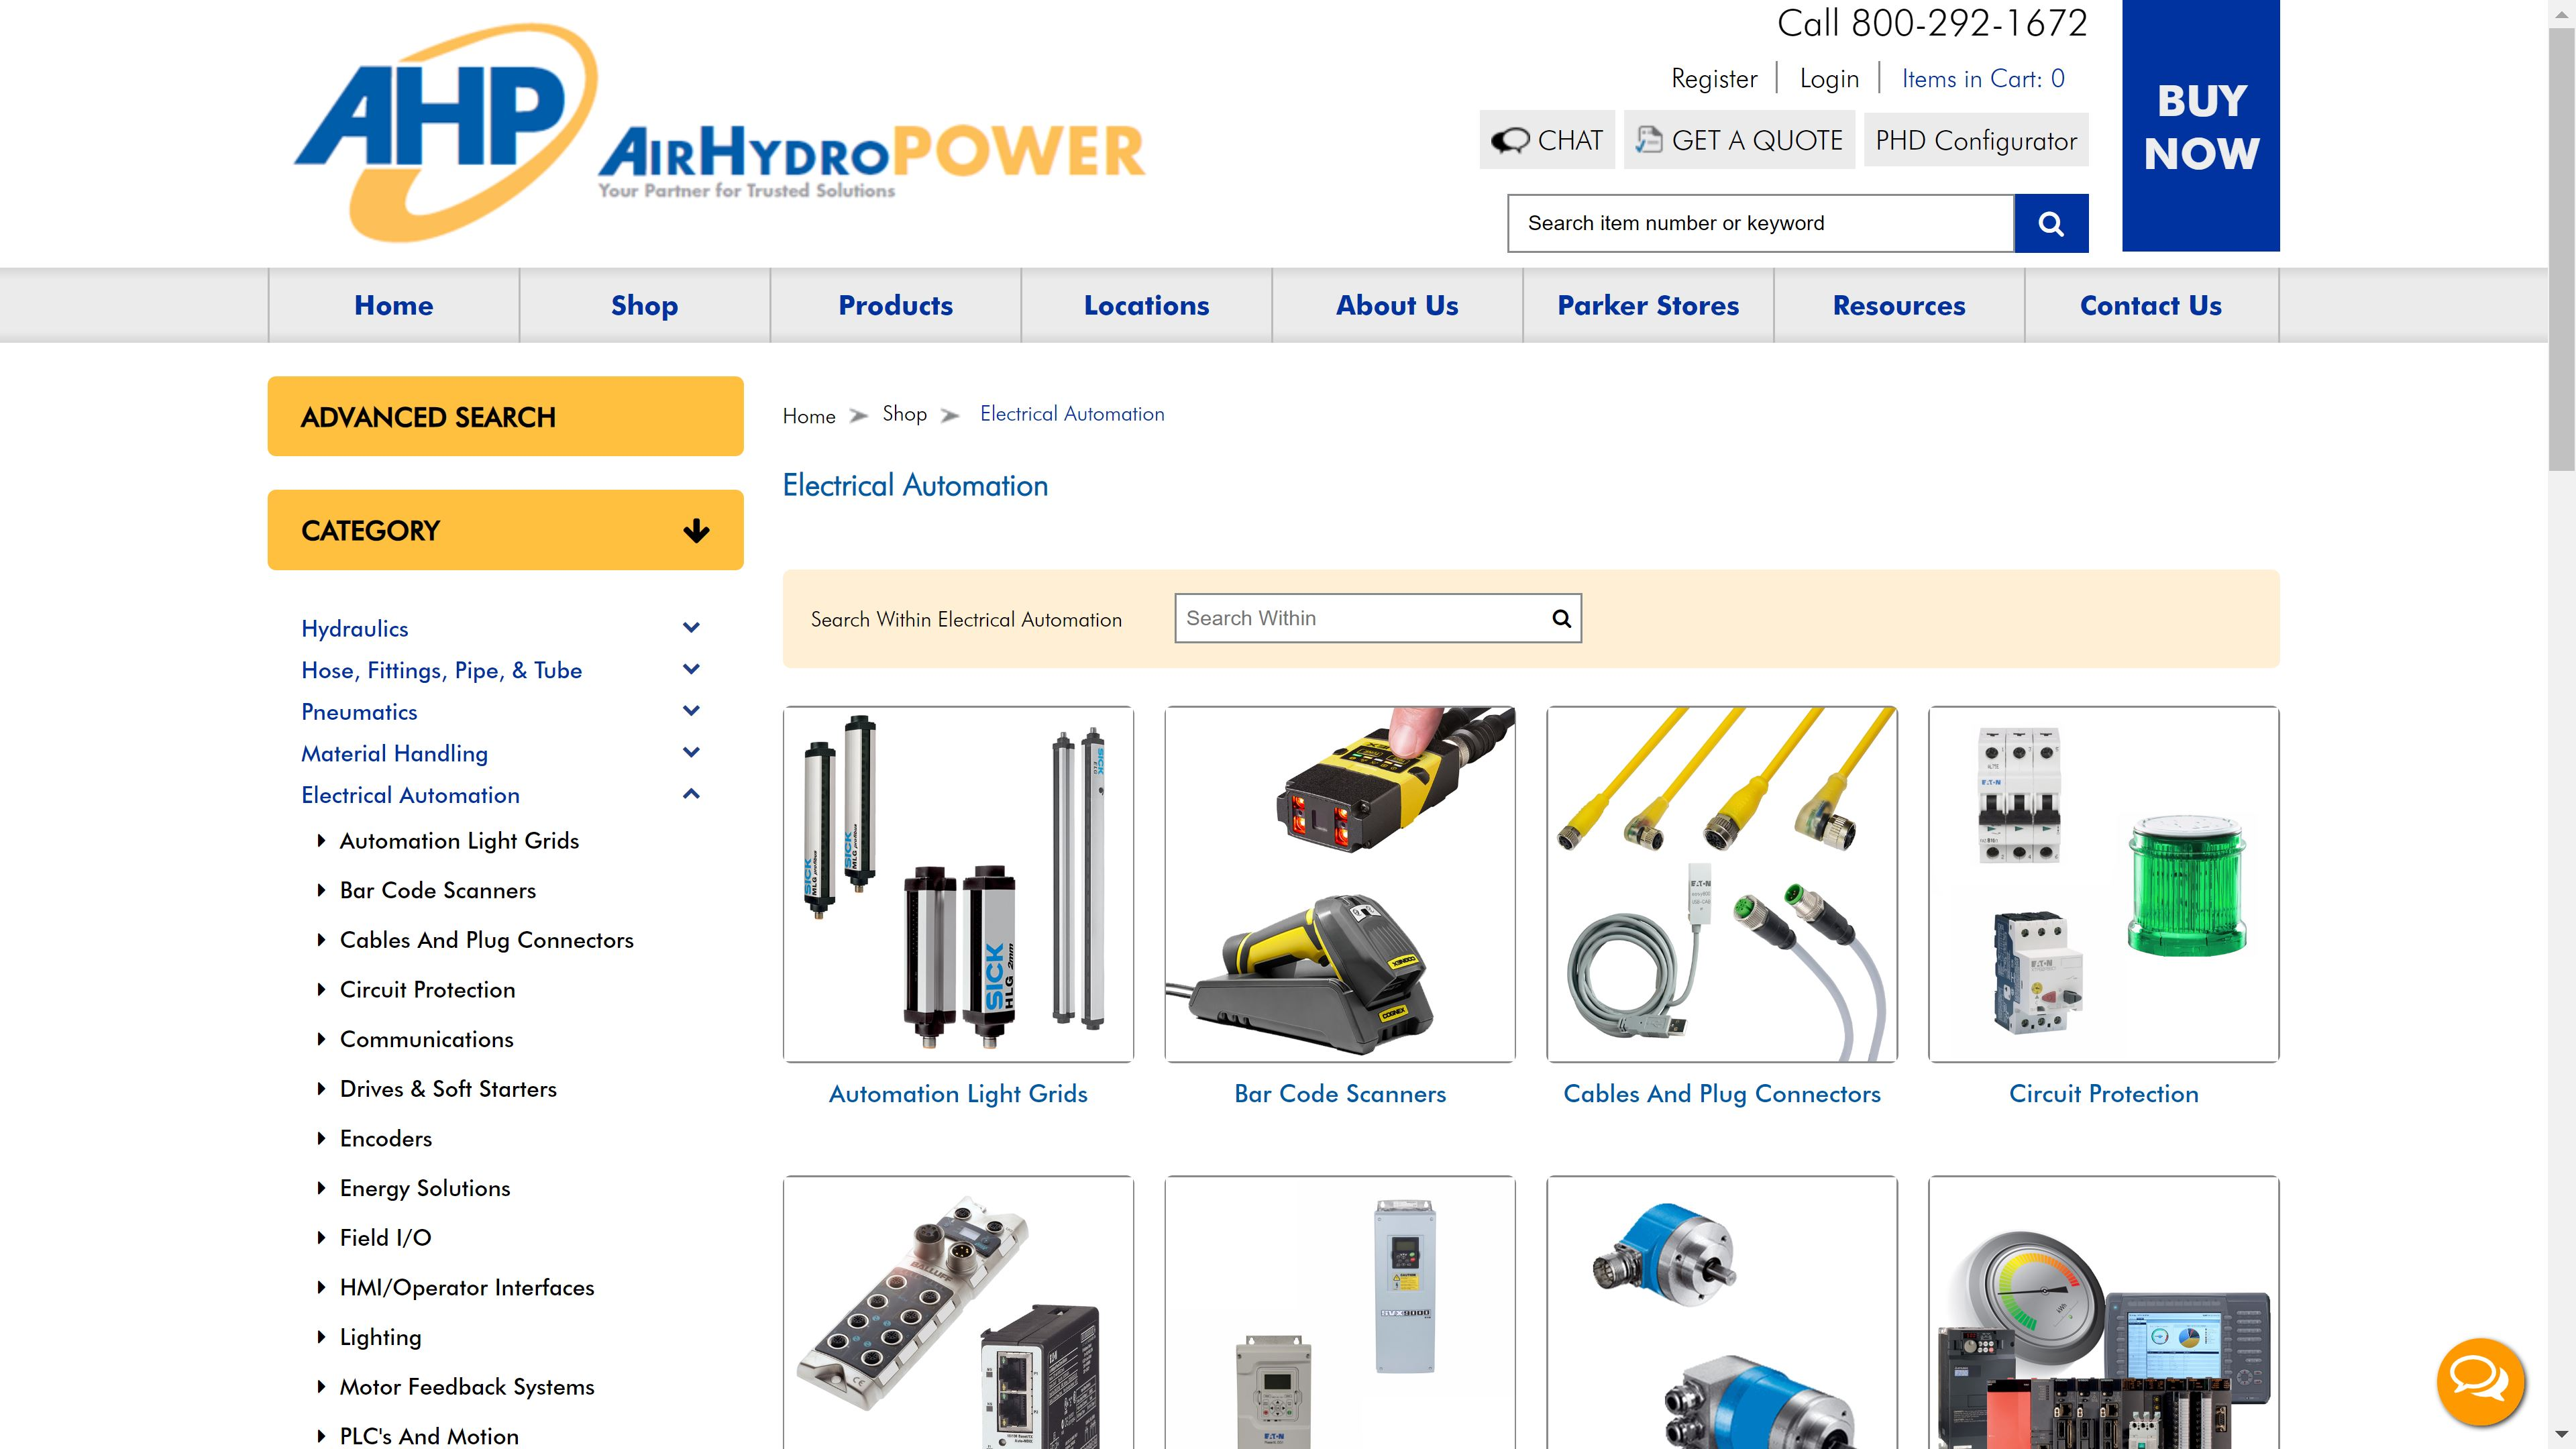 Air Hydro Power Site